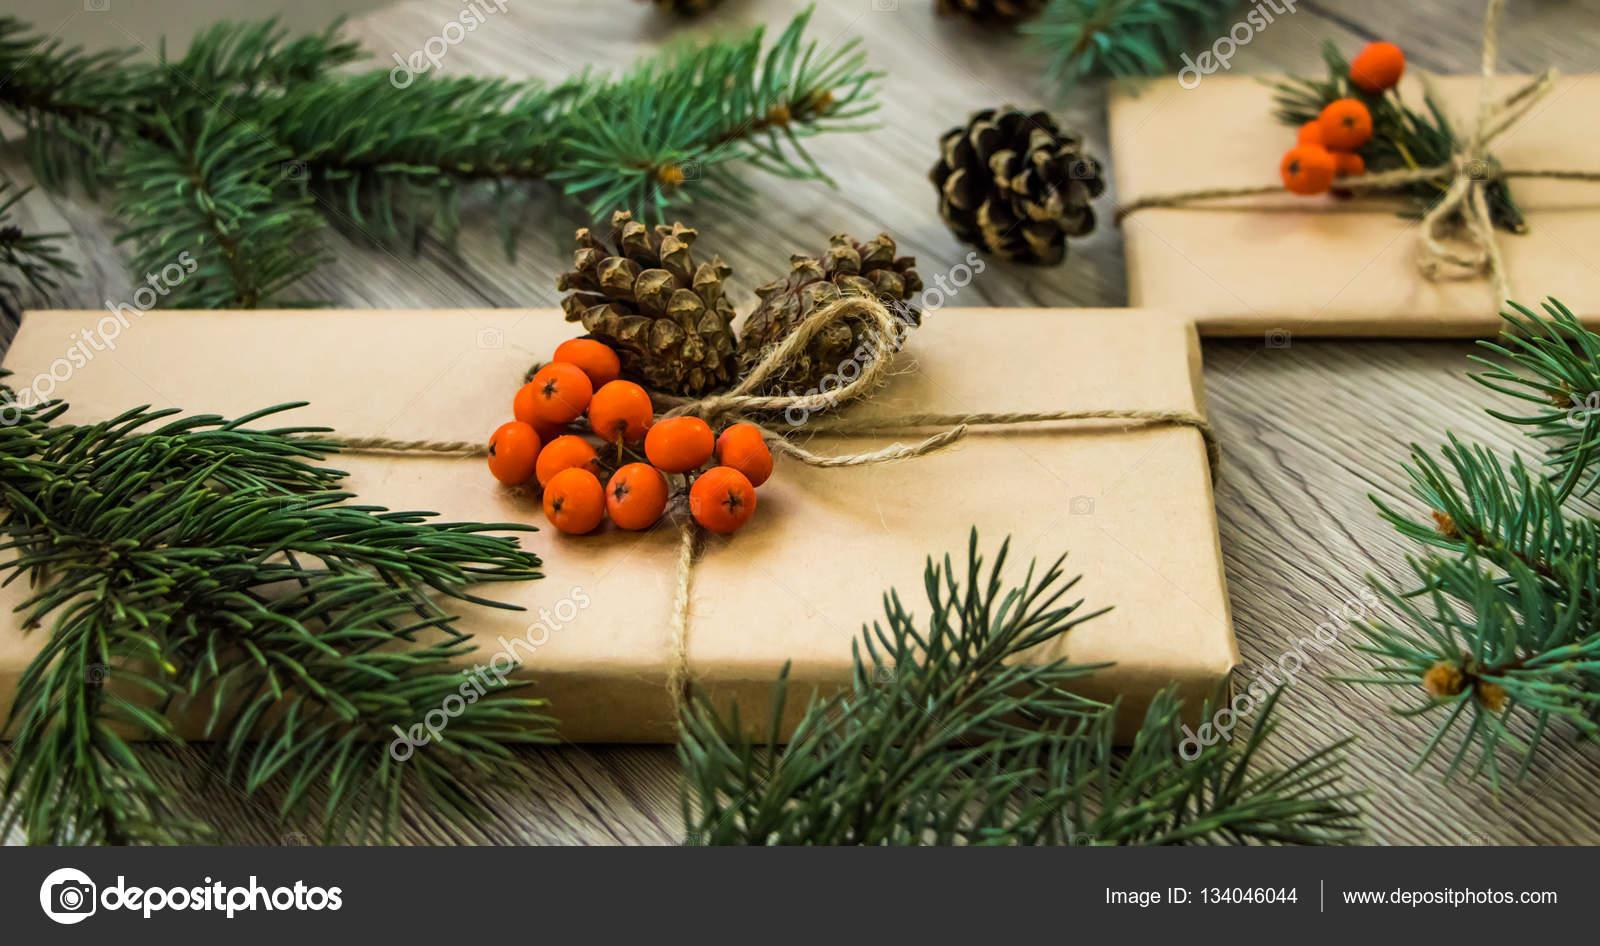 Boże Narodzenie Prezenty Zawinięte W Papier Pakowy Z